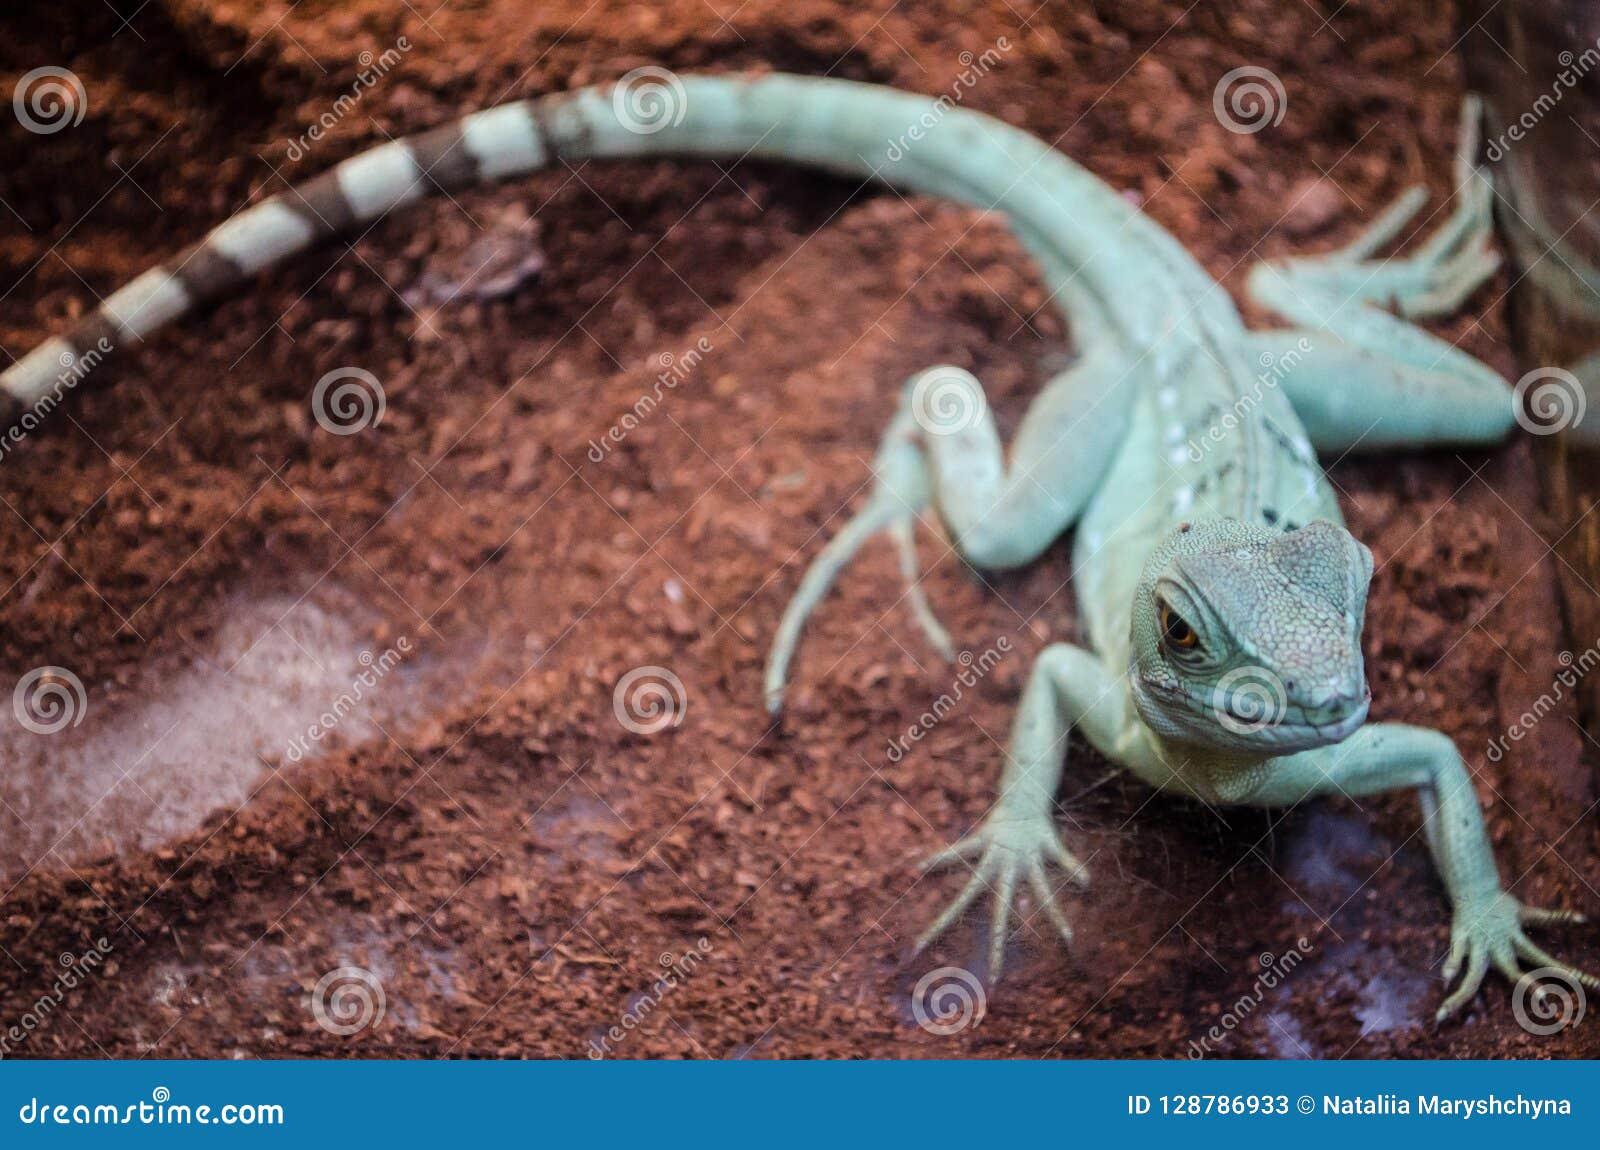 El Agama del lagarto verde con la cola rayada mira fijamente a través del vidrio en el parque zoológico de Kiev